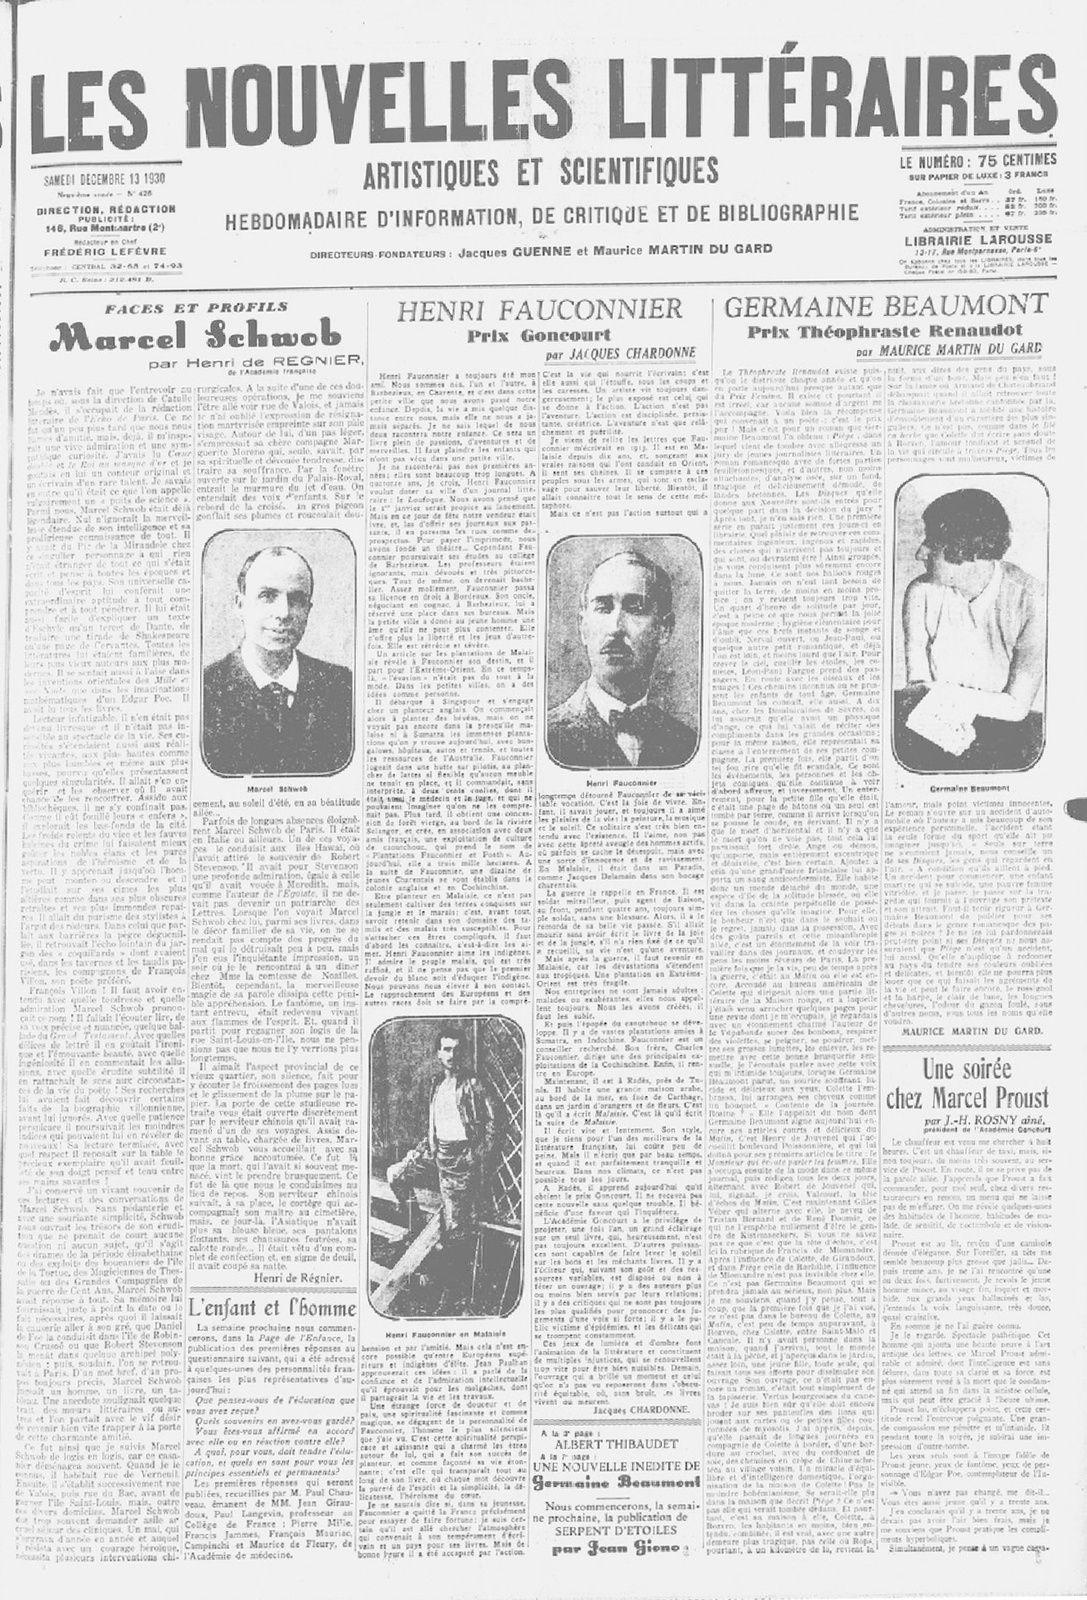 """J.-H. Rosny aîné """"Une soirée chez Marcel Proust"""" in Les Nouvelles littéraires n°426 du 13 décembre 1930"""